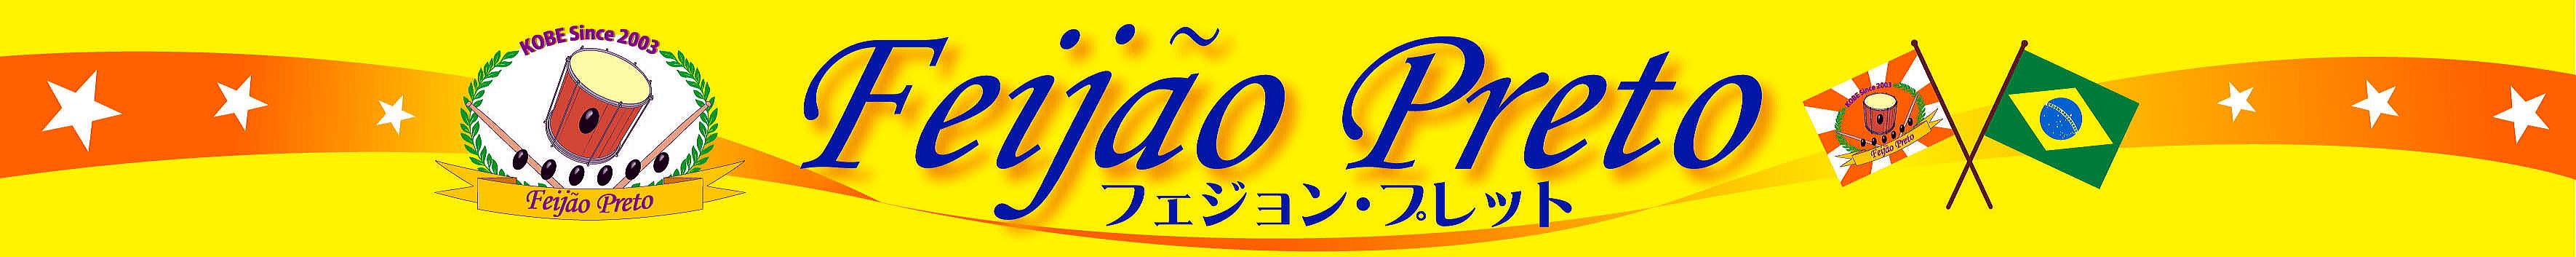 大阪 神戸市中心のサンバチーム フェジョン・プレット